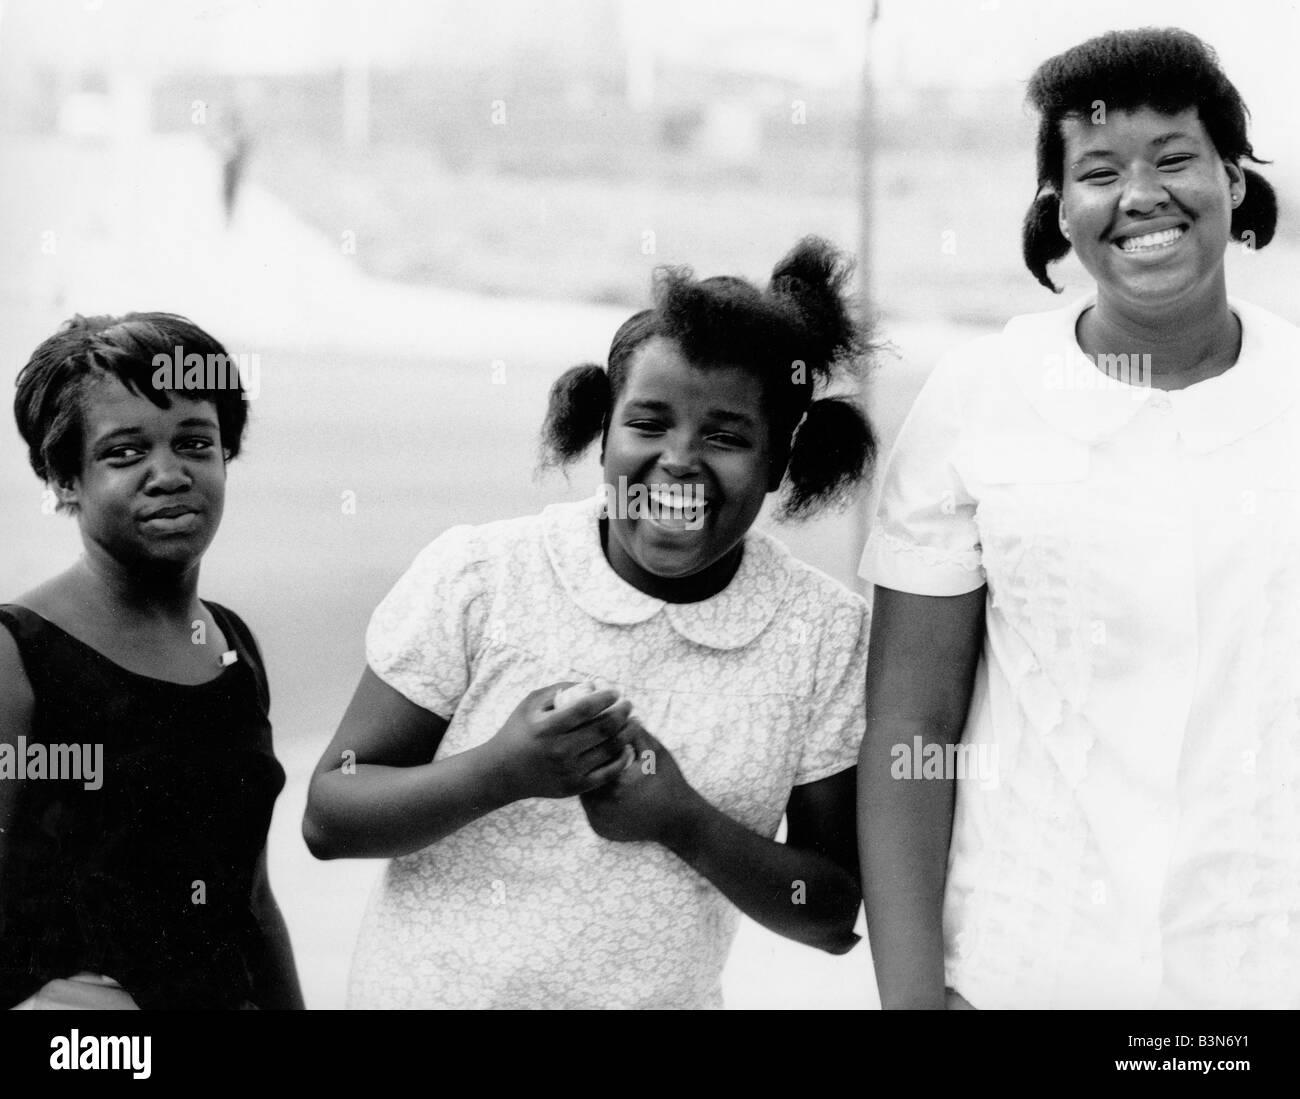 Feliz niñas Louisiana aproximadamente 1980 Imagen De Stock